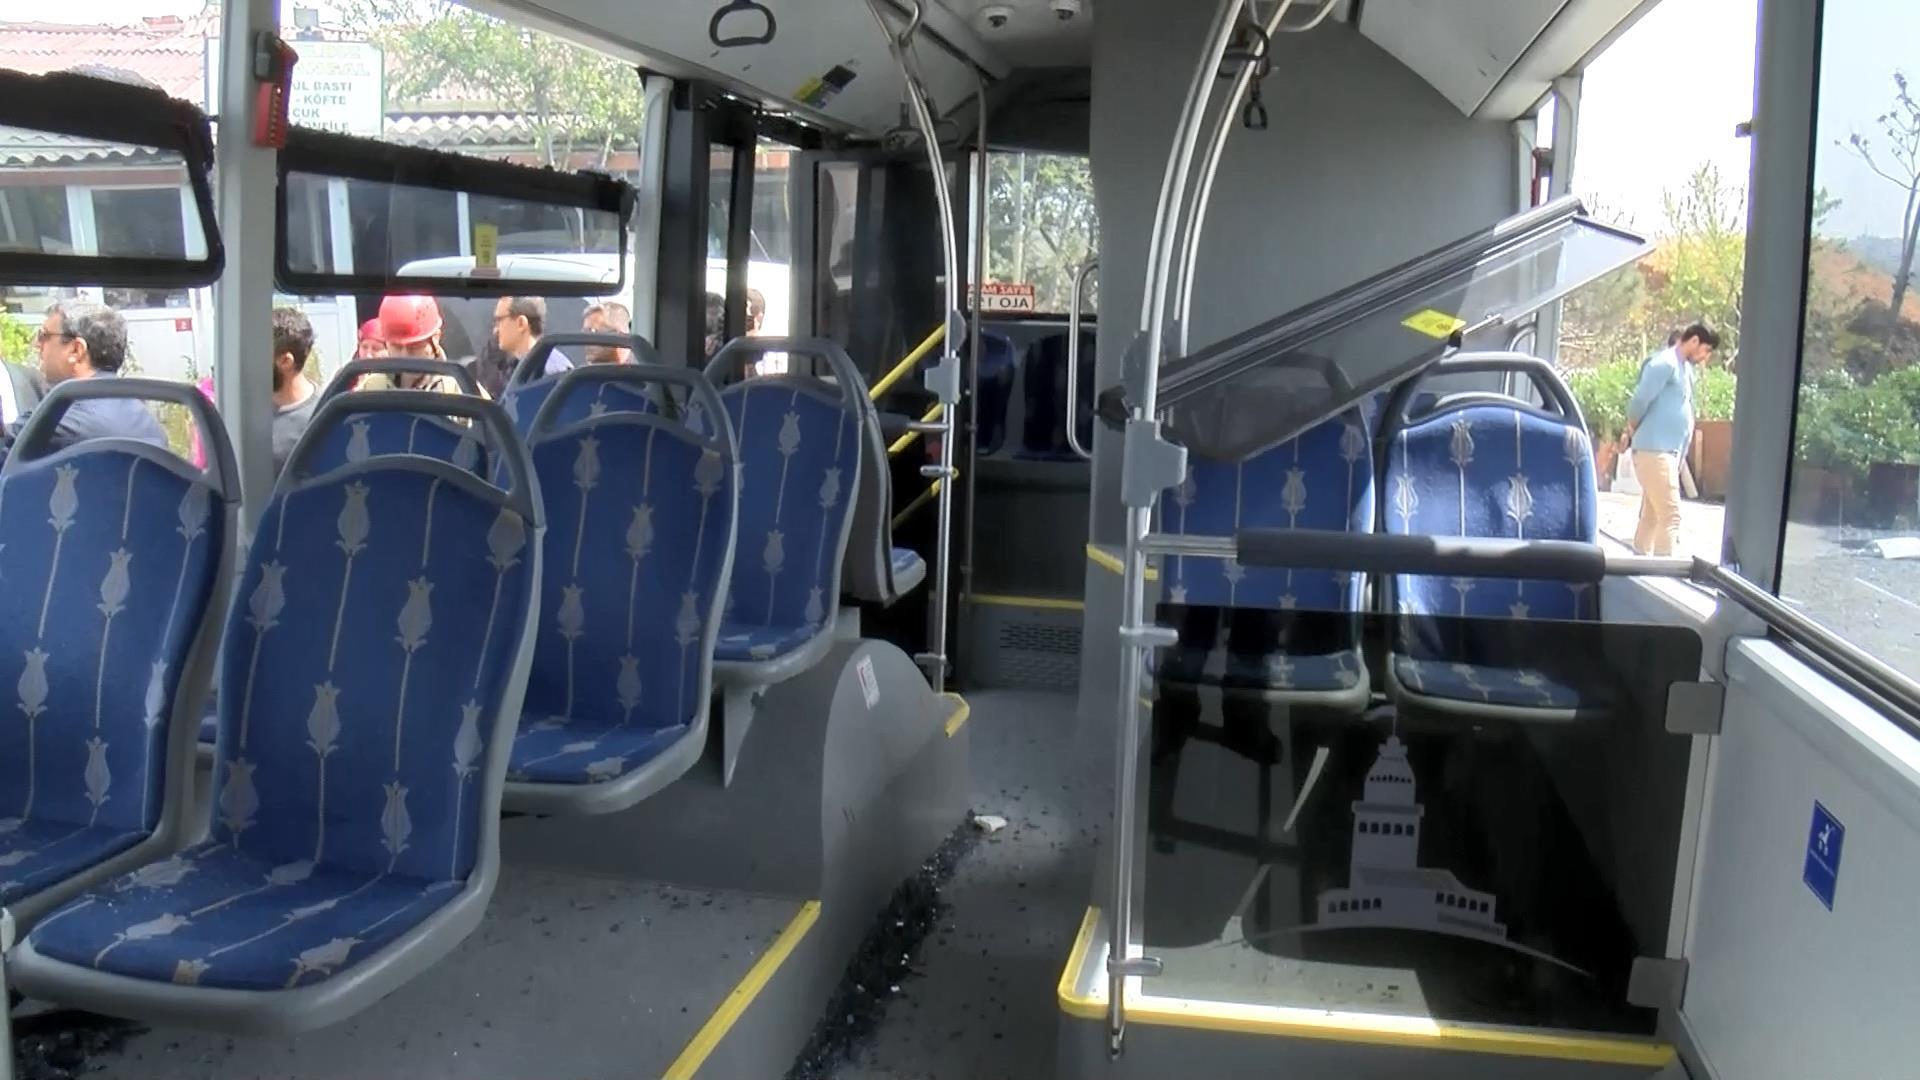 Harfiyat Kamyonu İETT Otobüsü İle Çarpıştı Çok Sayıda Yaralı Var